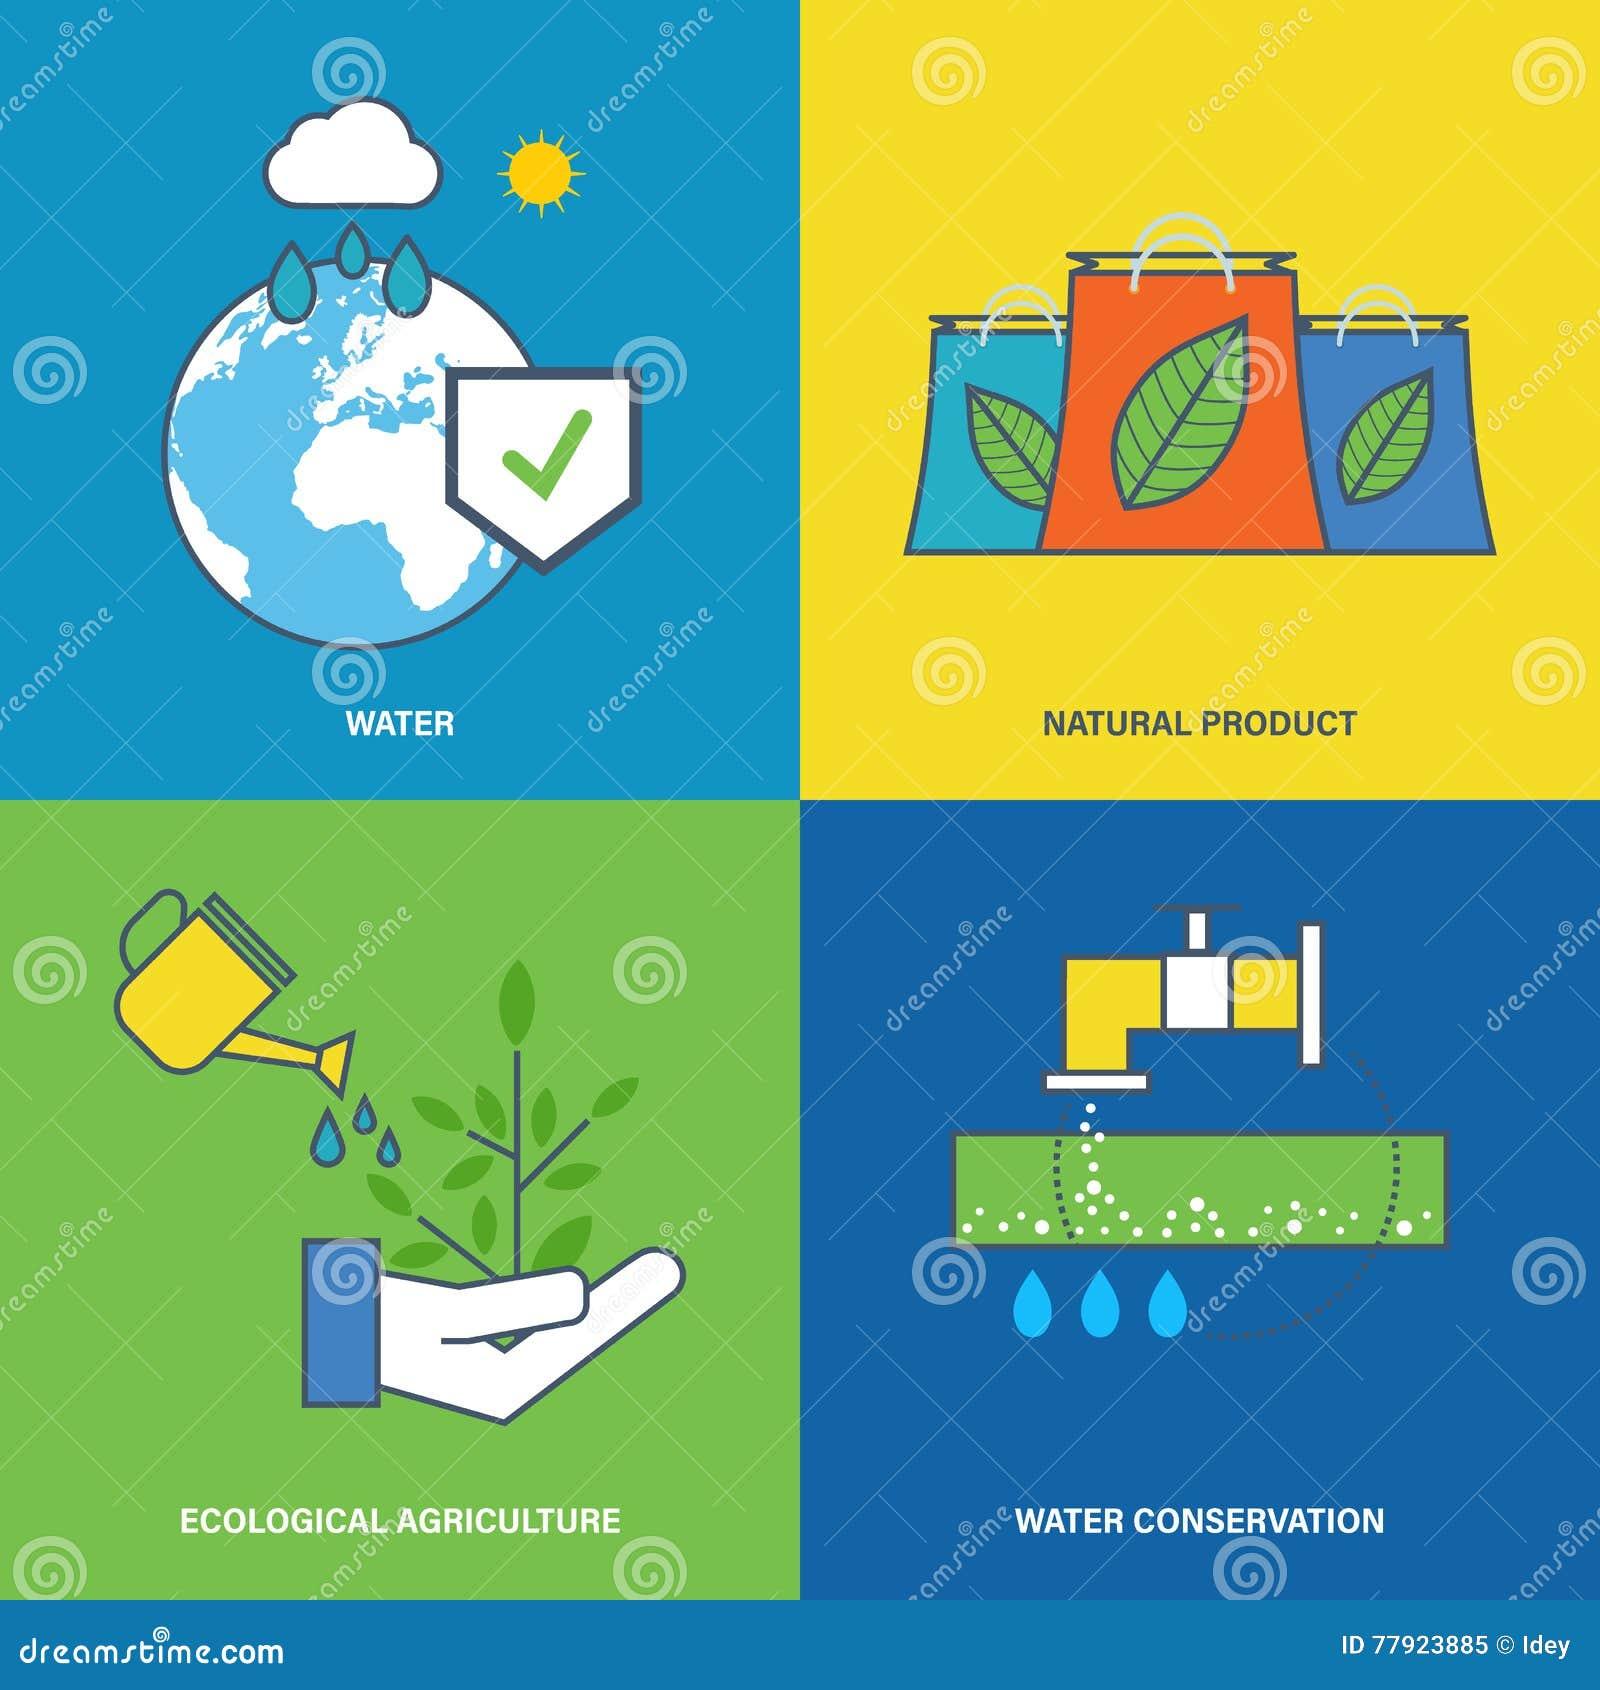 Иллюстрация о охране окружающей среды, консервации природных ресурсов воды